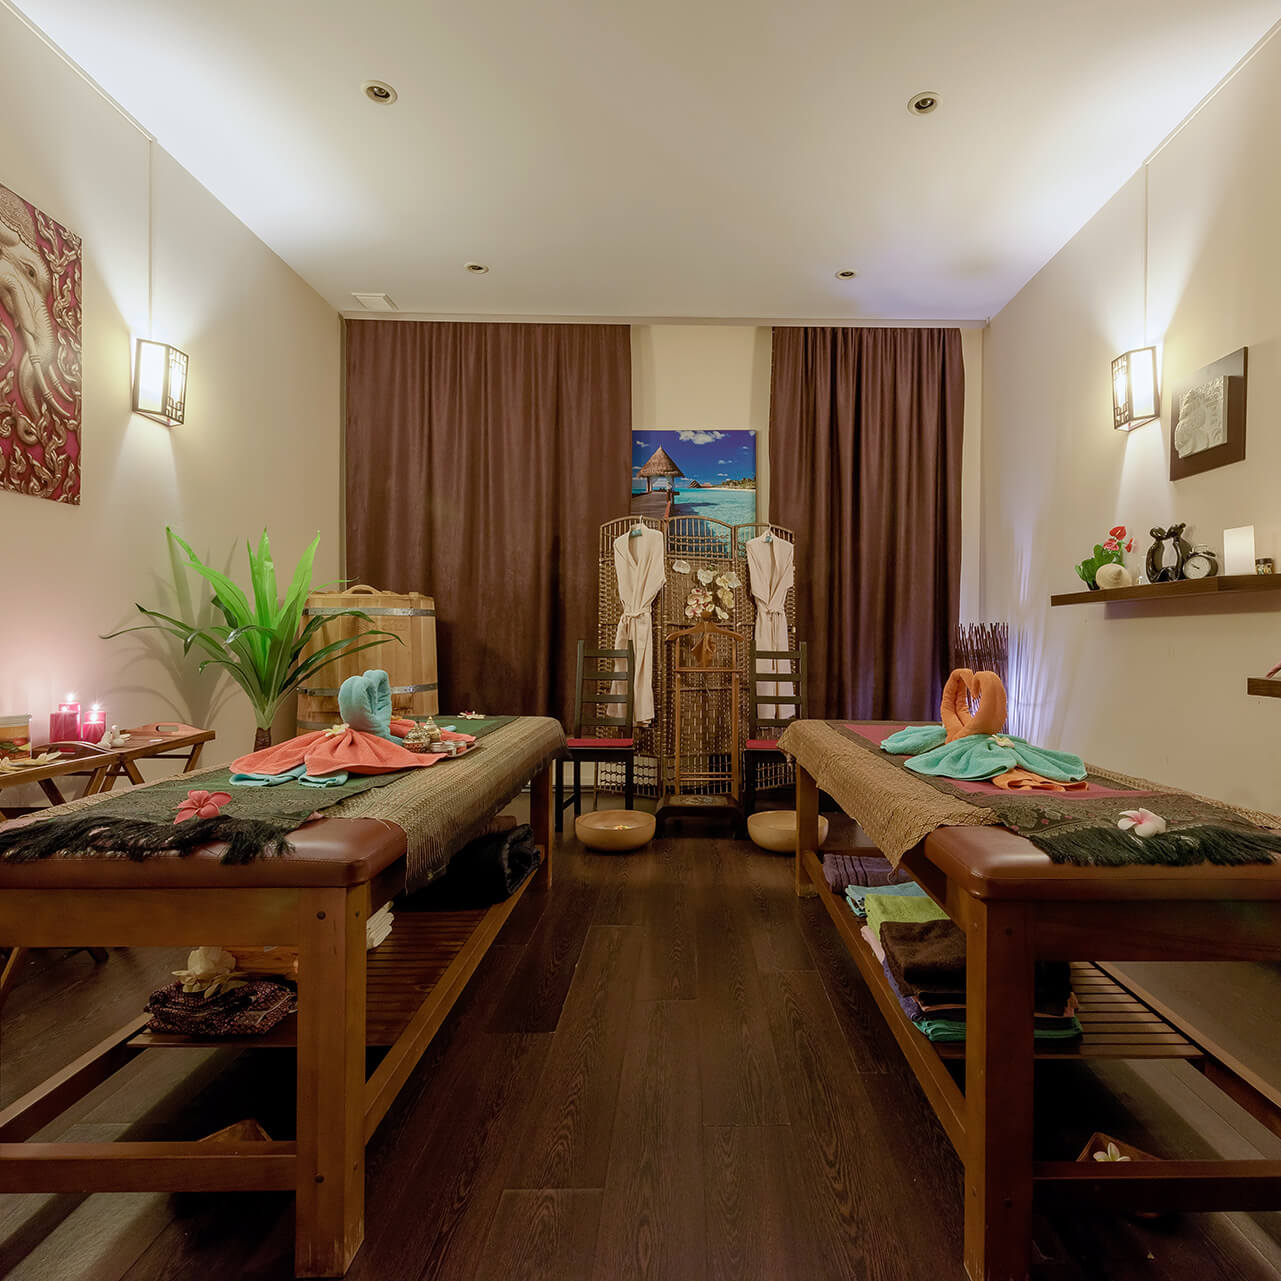 Сеанс традиционного тайского массажа от мастера из Таиланда со скидкой 26%